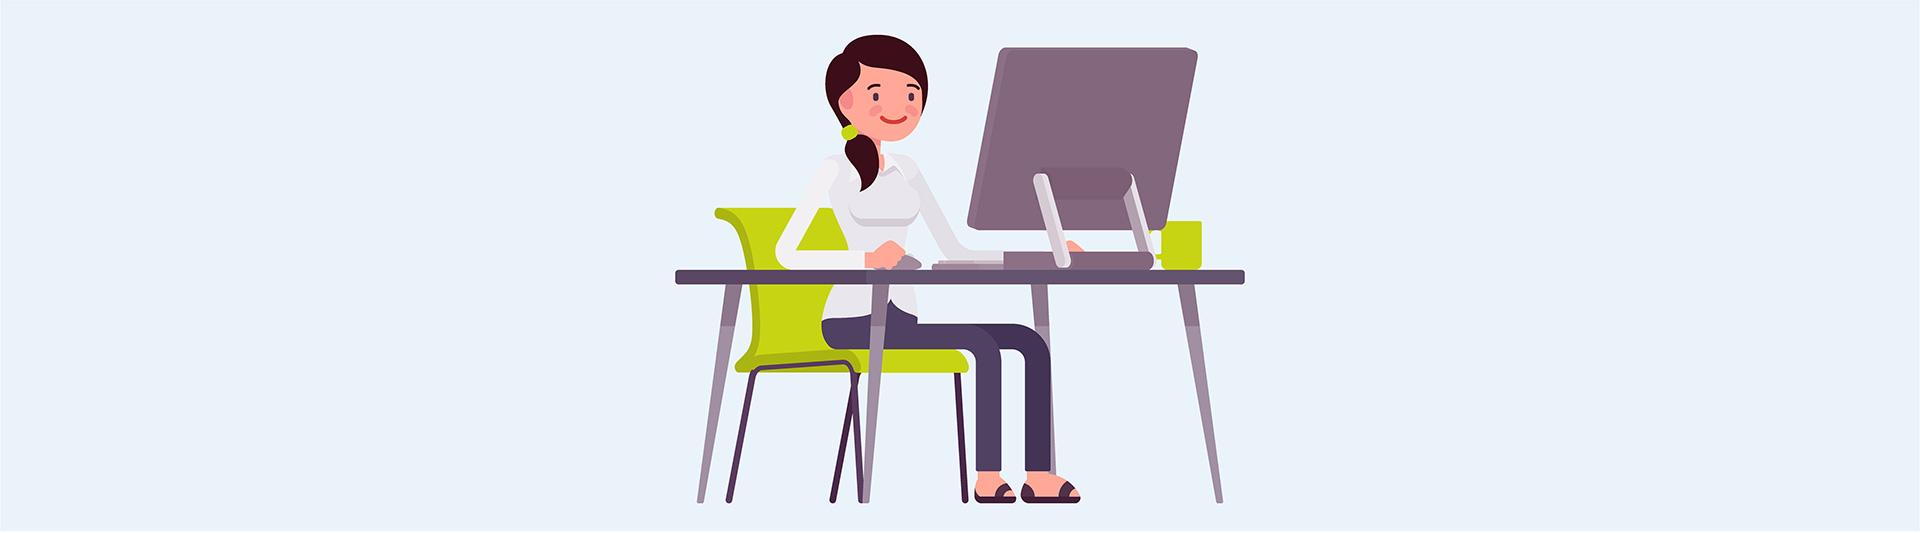 Auswahlhilfe Online Lehrlingstest Österreich Testsituation